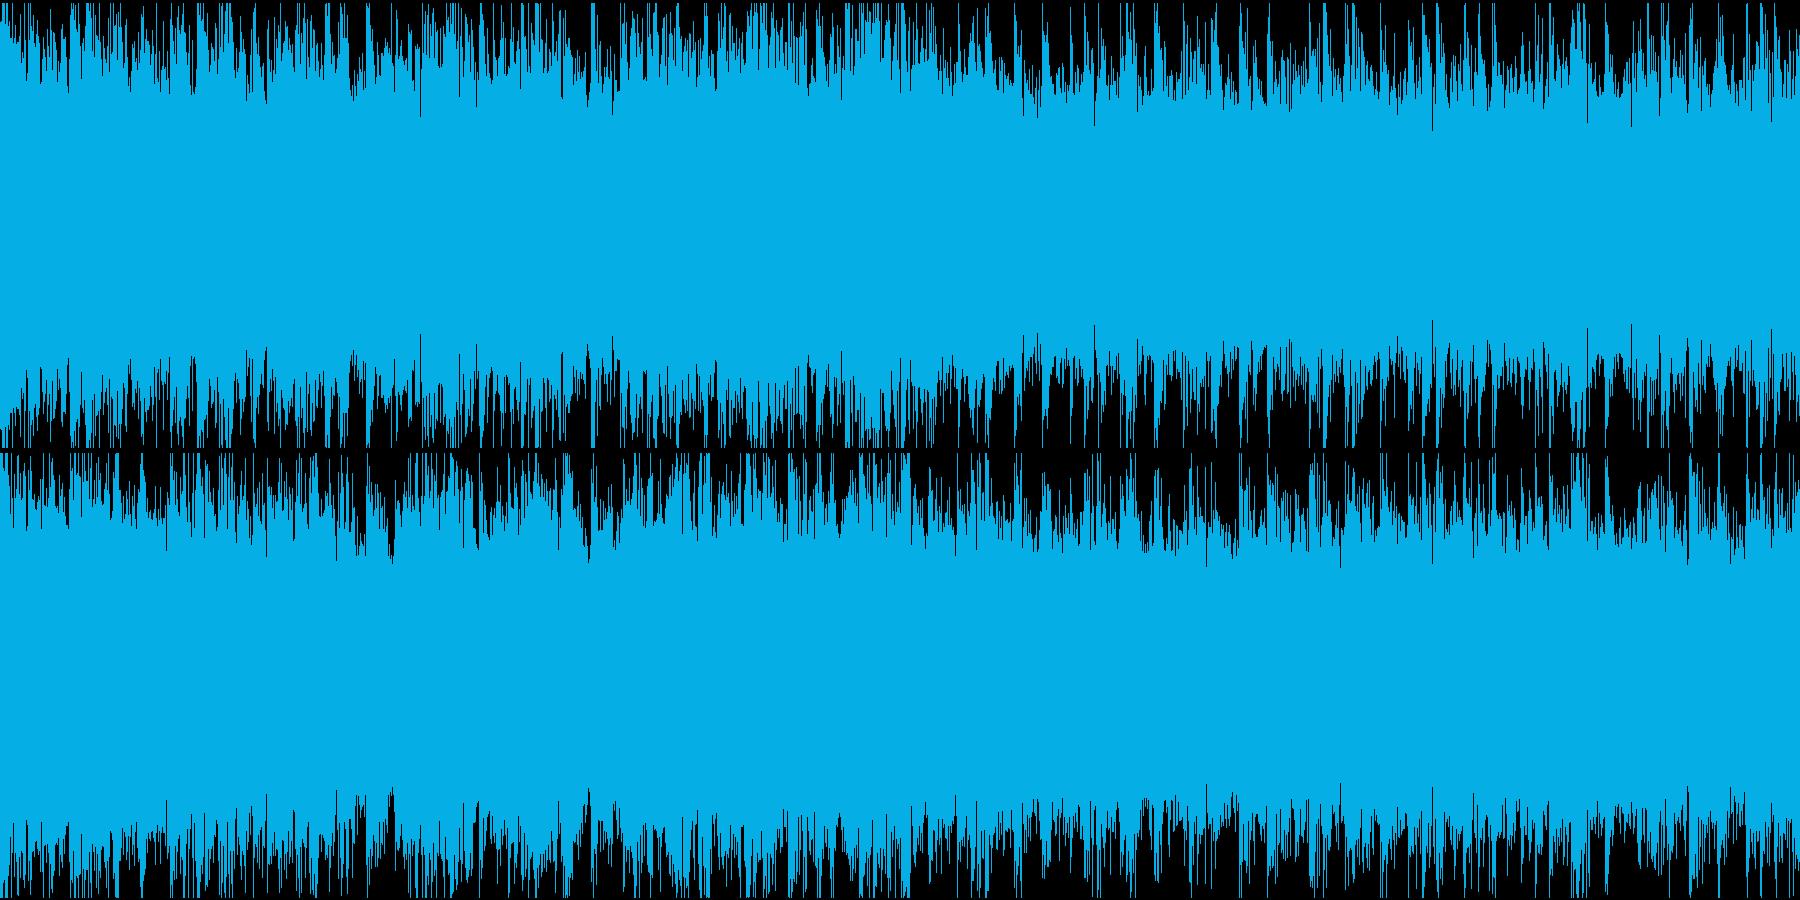 近未来的雰囲気の疾走感あるドラムンベースの再生済みの波形